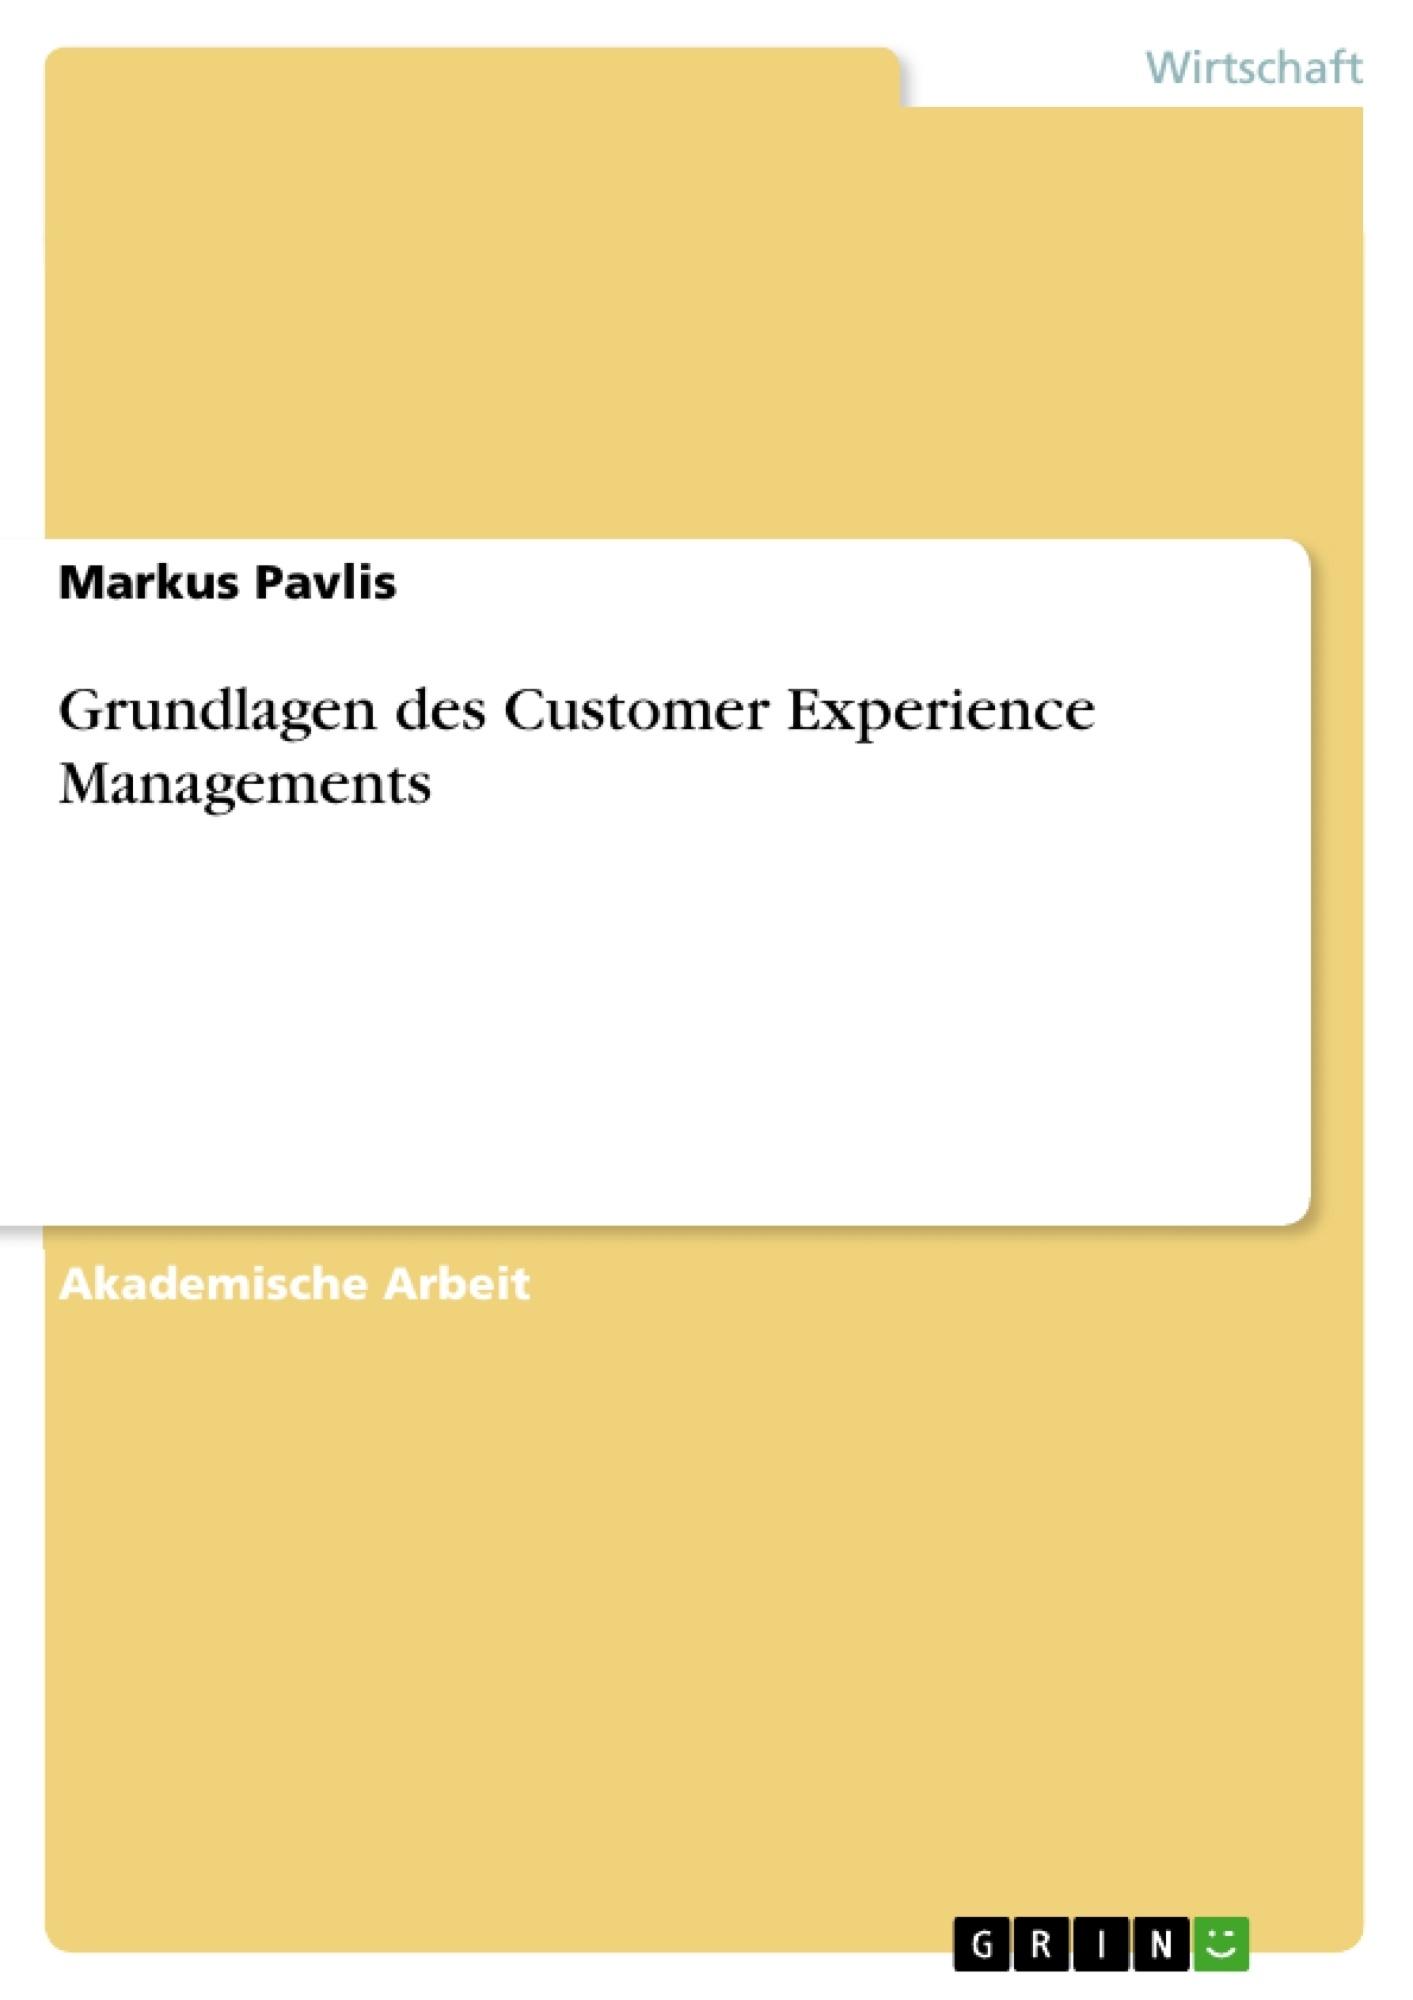 Titel: Grundlagen des Customer Experience Managements